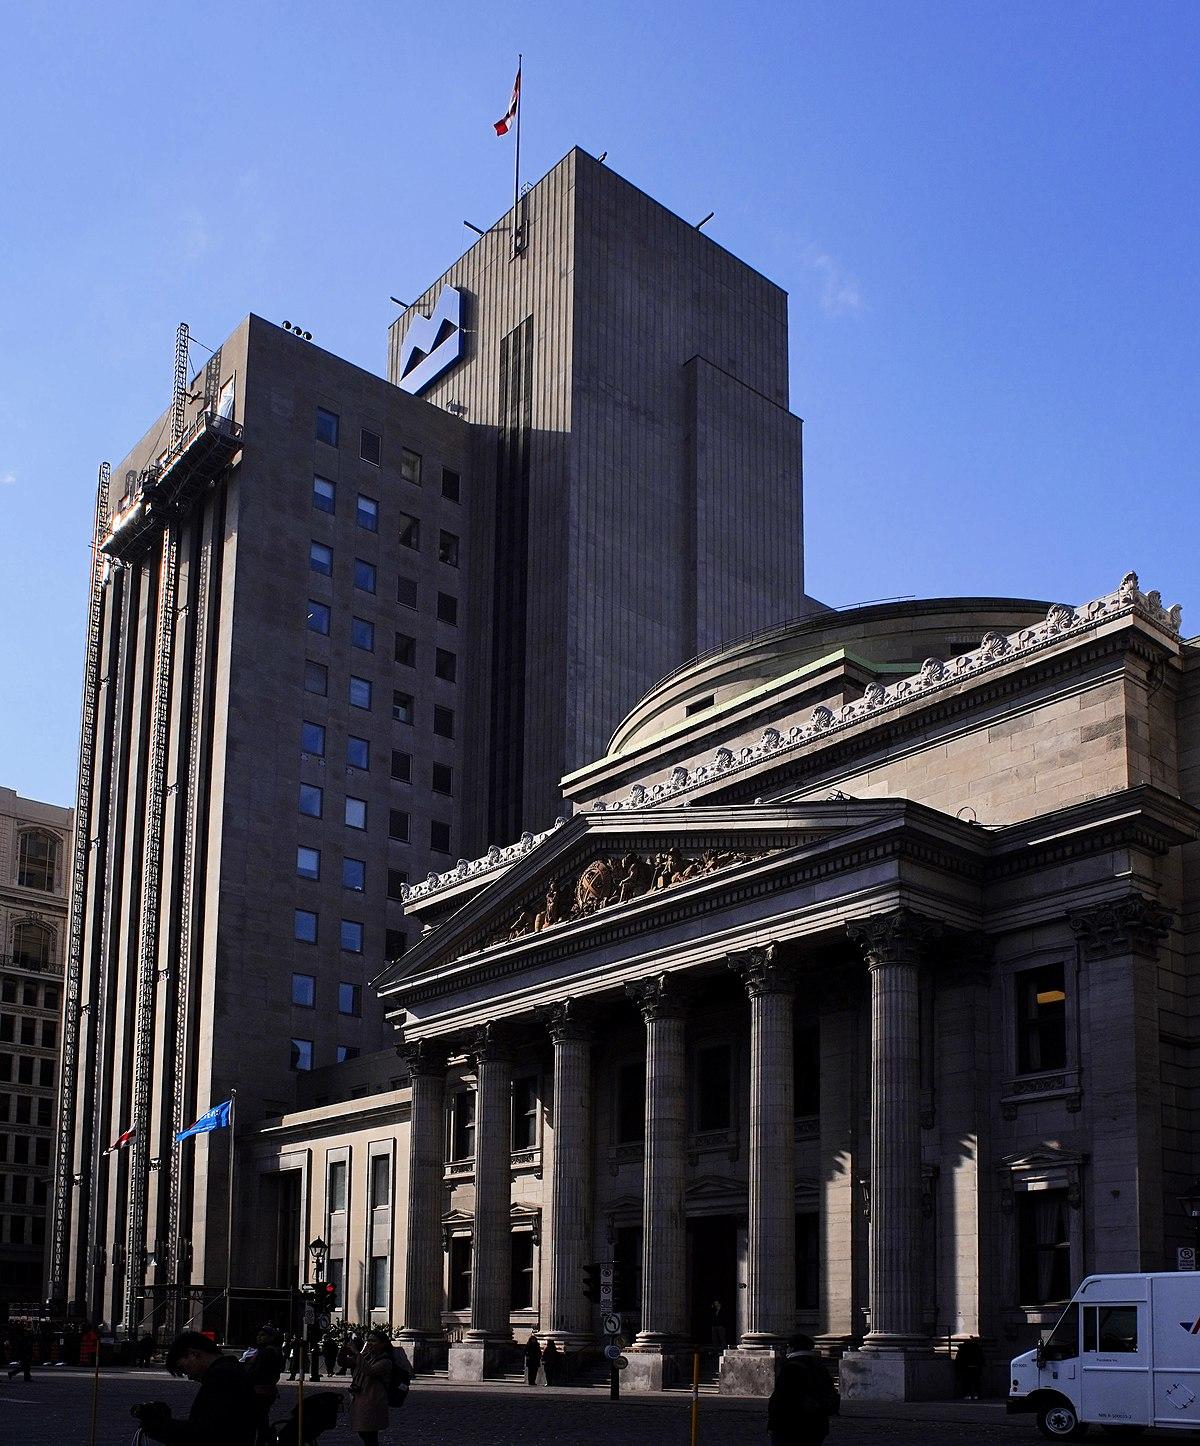 Ͽ���������� Ͽ������������ Ͽ���������� Ͽ���������� Ͽ�� Ͽ���������� Ͽ������������: Banque De Montréal